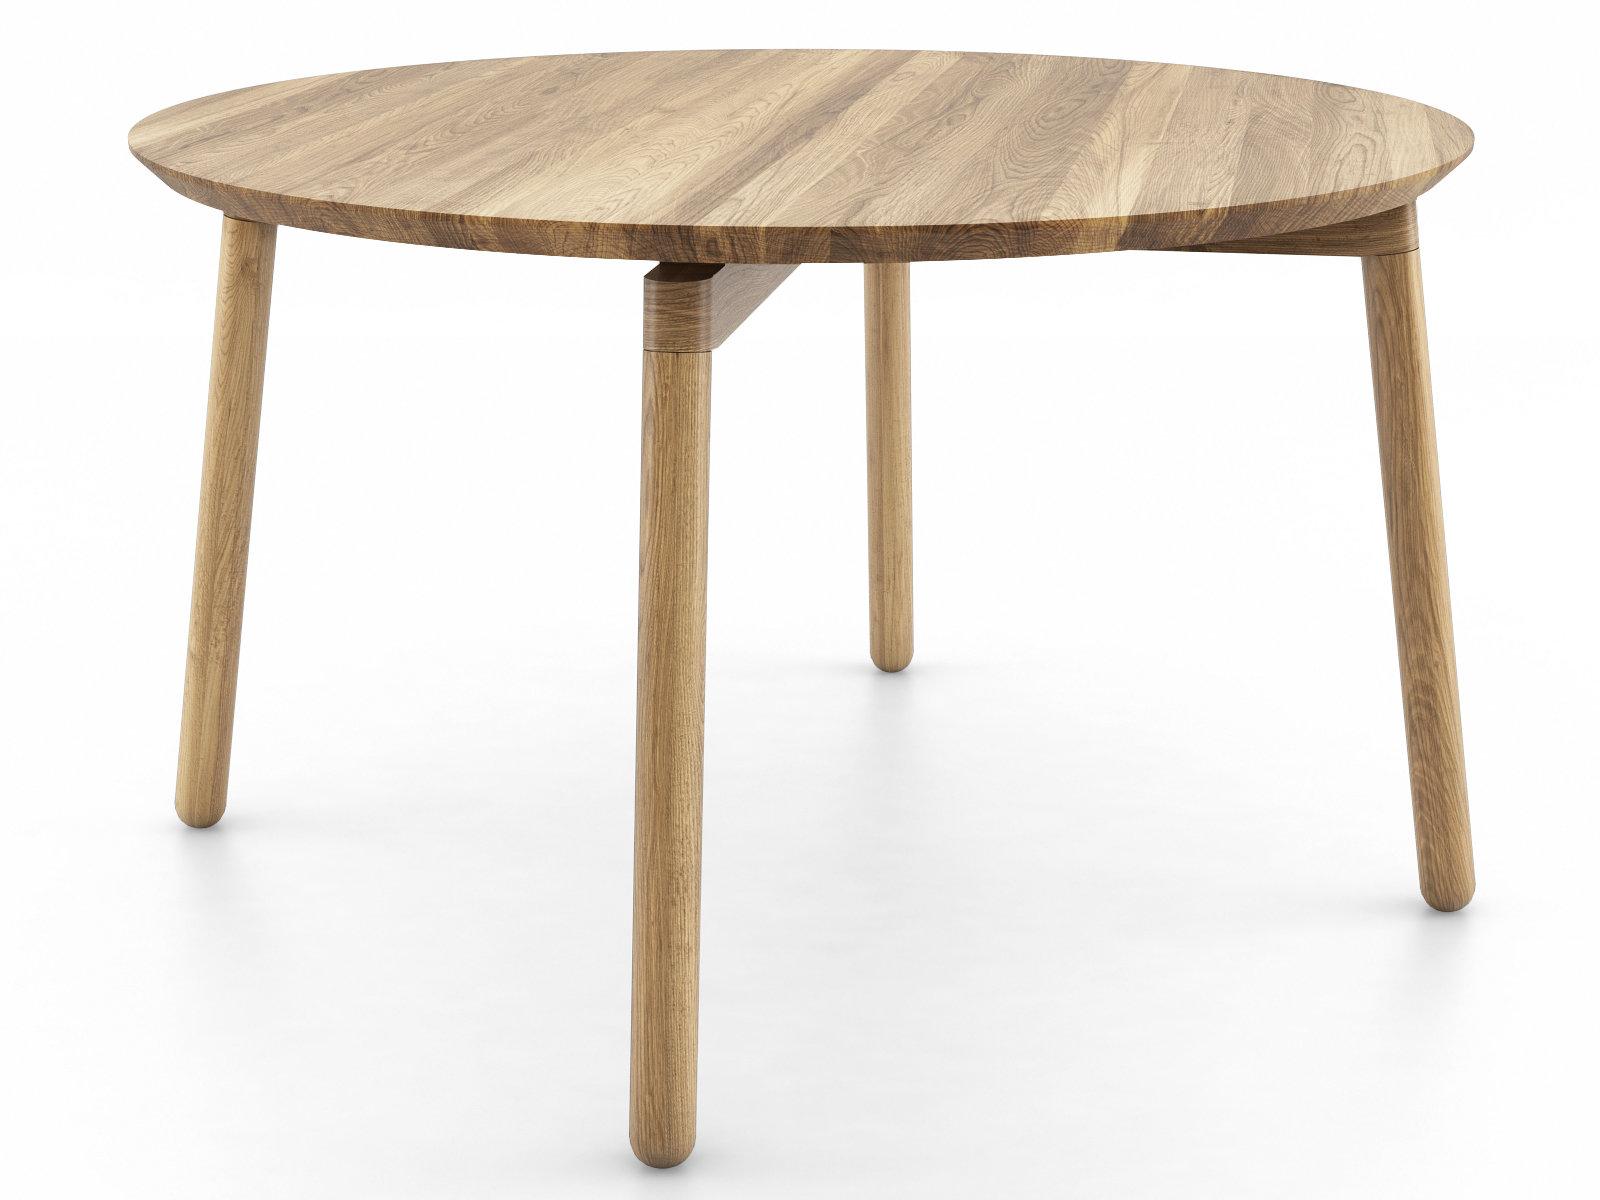 Nord table 3d model normann copenhagen for 3d table design